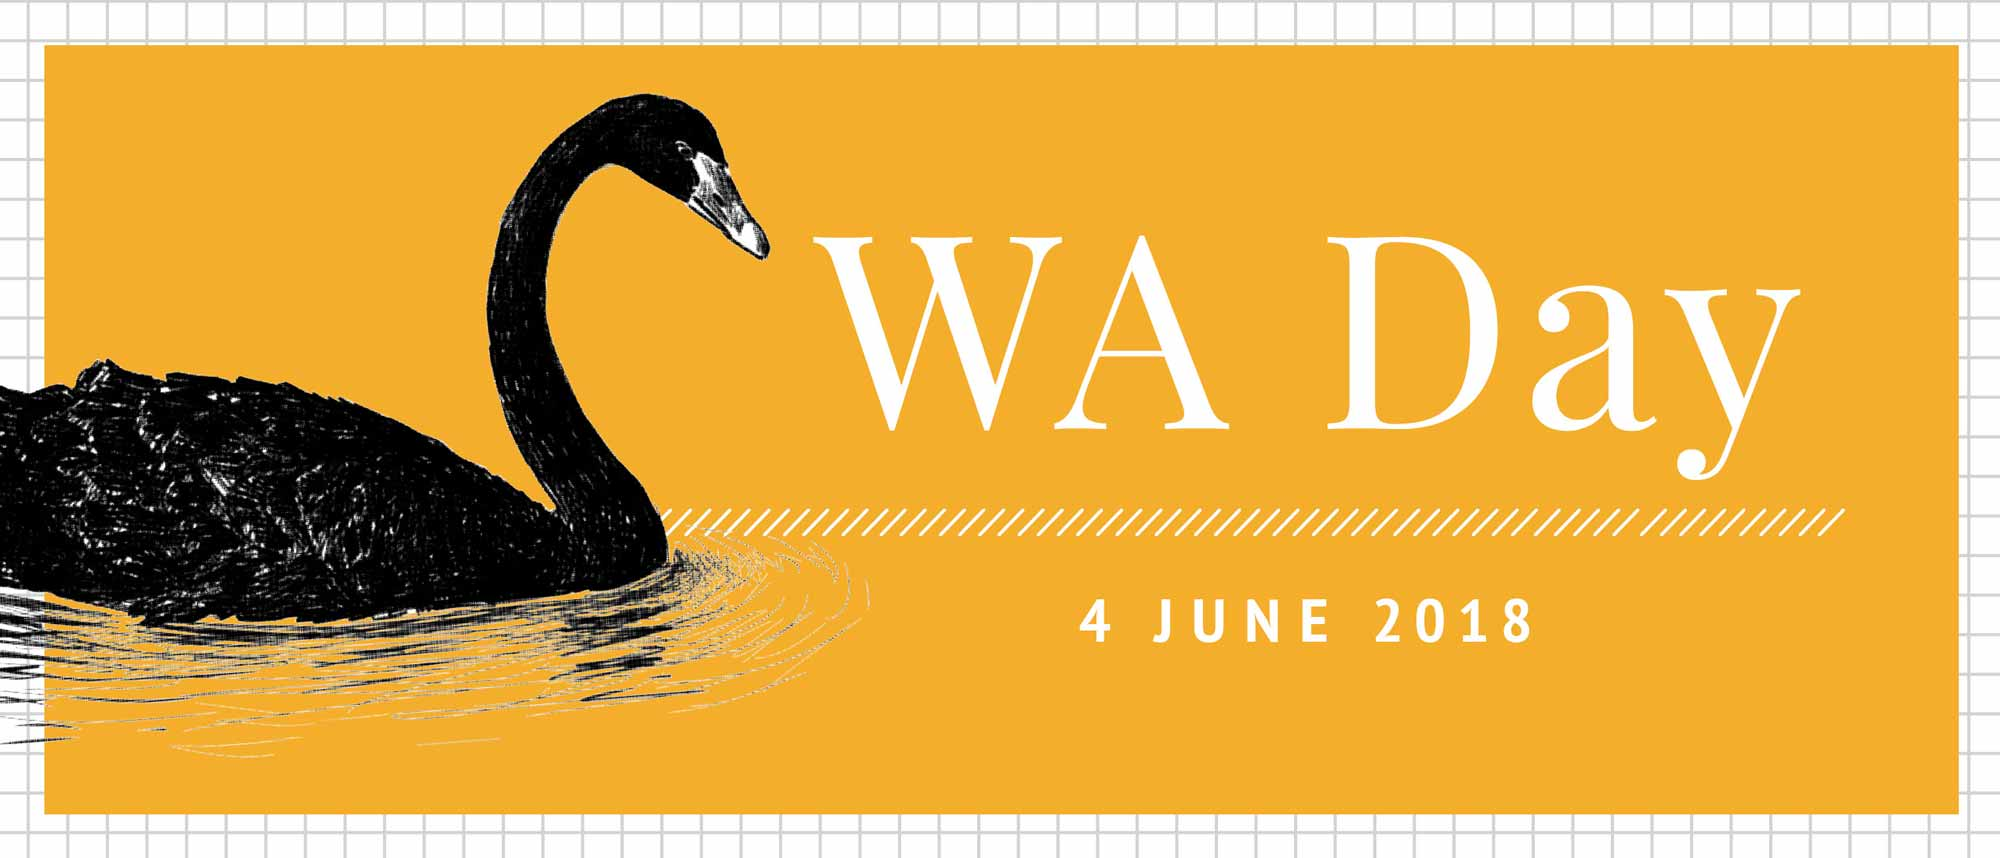 The-Camfield-Event-WA-Day-Banner.jpg